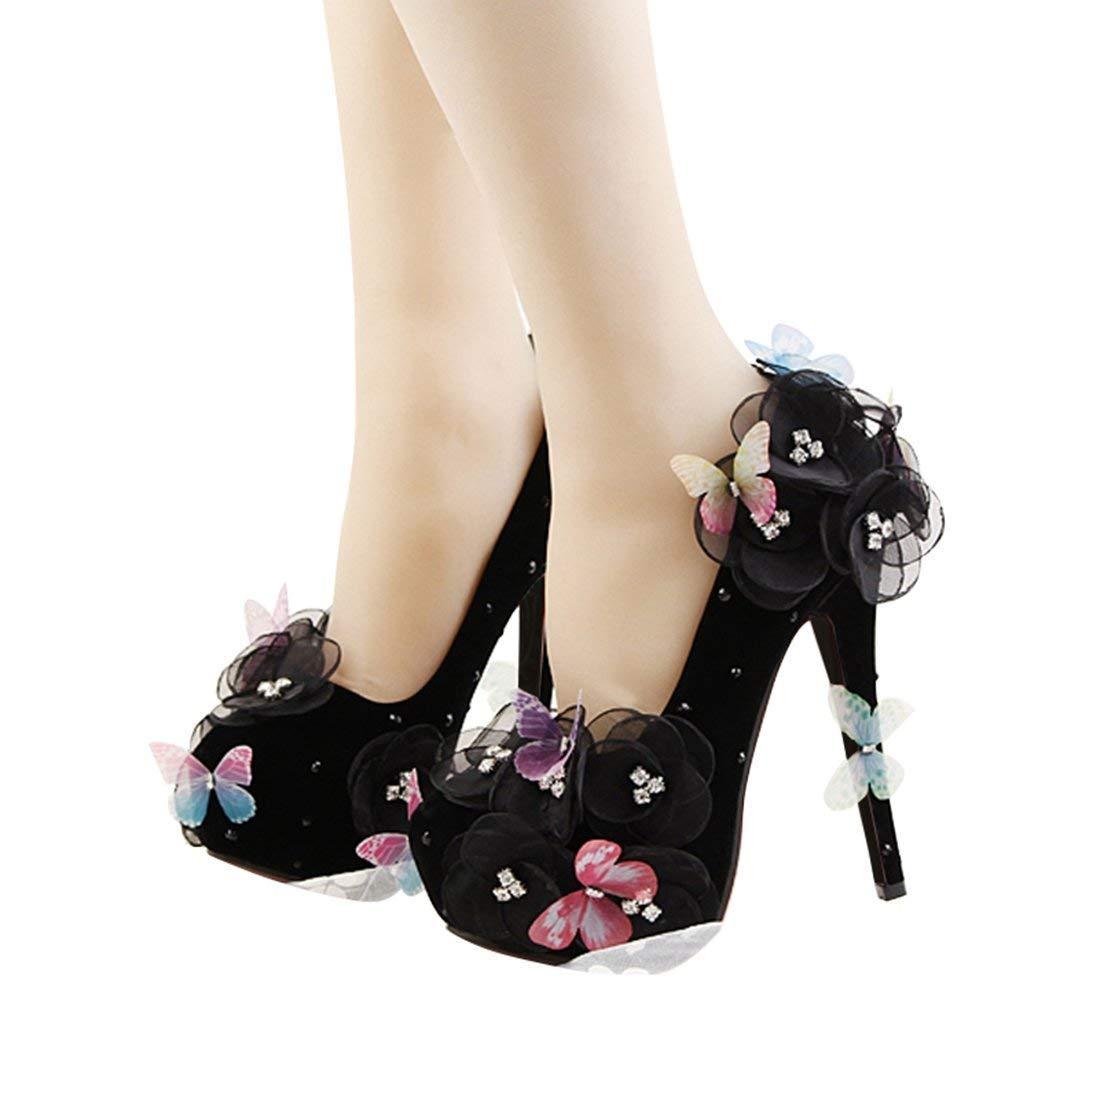 ZHRUI Damen Slip-on Versteckte Plattform Spitze Blaumen Schmetterling schwarz schwarz schwarz Satin Abend Hochzeit Pumps UK 2.5 (Farbe   -, Größe   -) c2020c